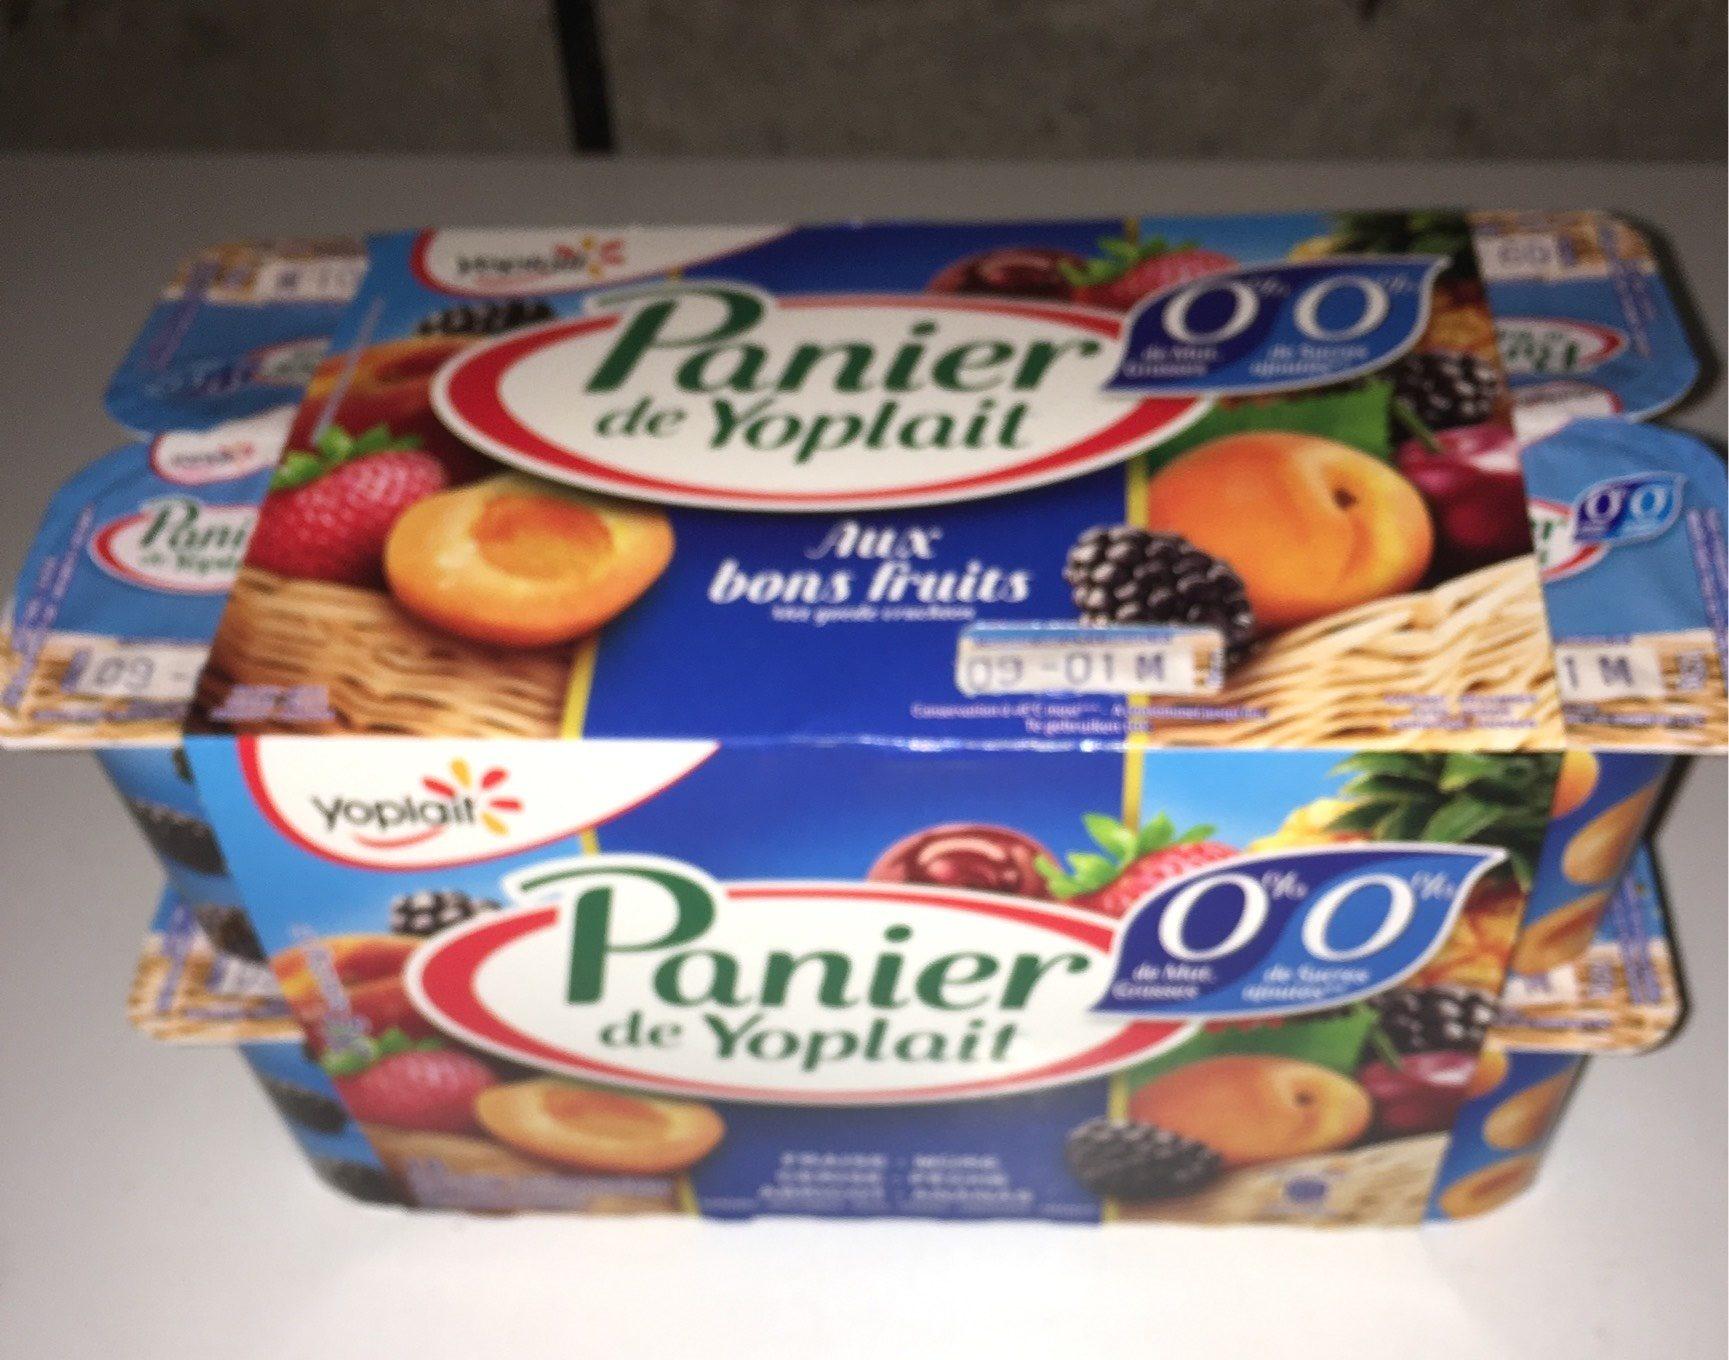 Panier de Yoplait  (0 % MG, 0 % Sucres ajoutés) - (Abricot, Ananas, Cerise, Fraise, Mûre, Pêche) 16 Pots - Product - fr